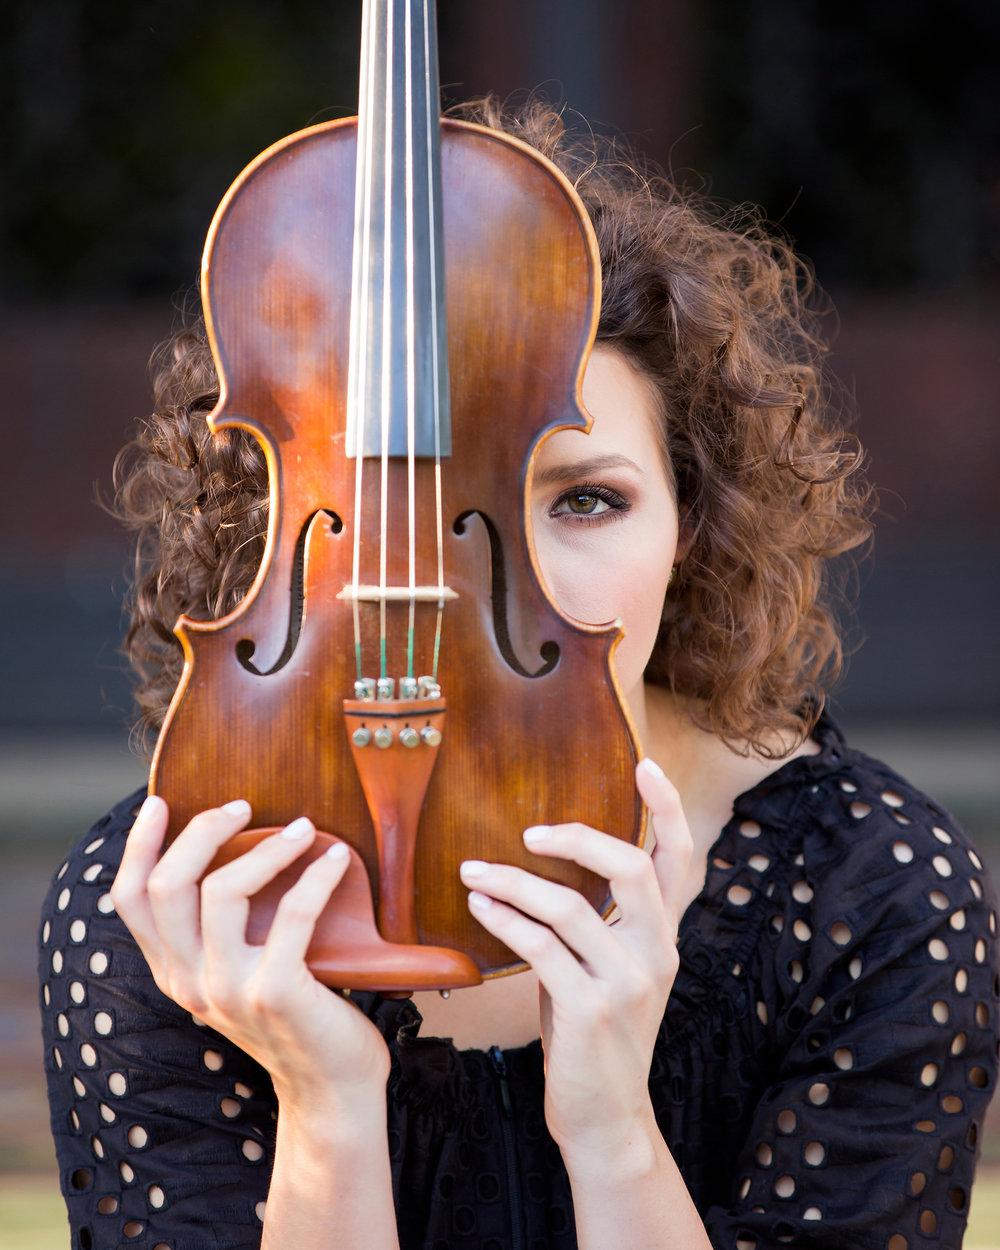 Senior-girl-holding-violin-over-one-eye.jpg